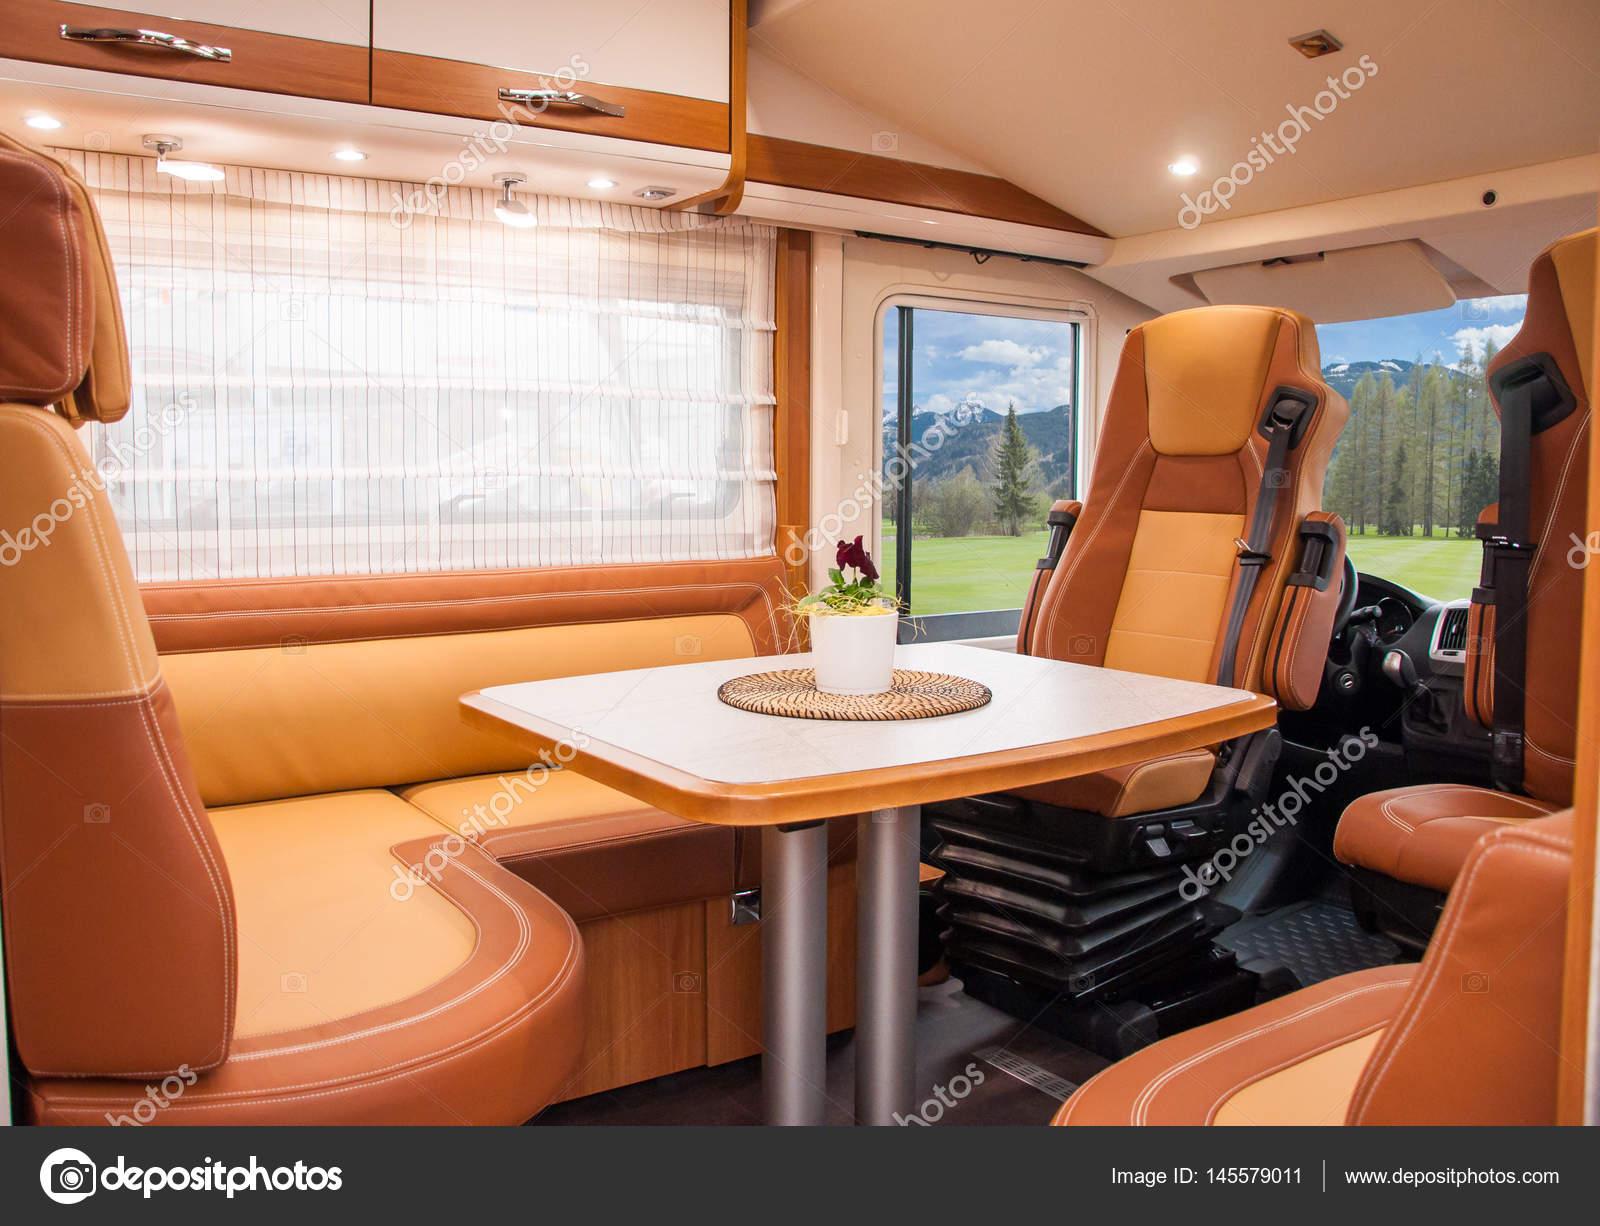 https://st3.depositphotos.com/3009117/14557/i/1600/depositphotos_145579011-stockafbeelding-interieur-van-luxe-caravan.jpg